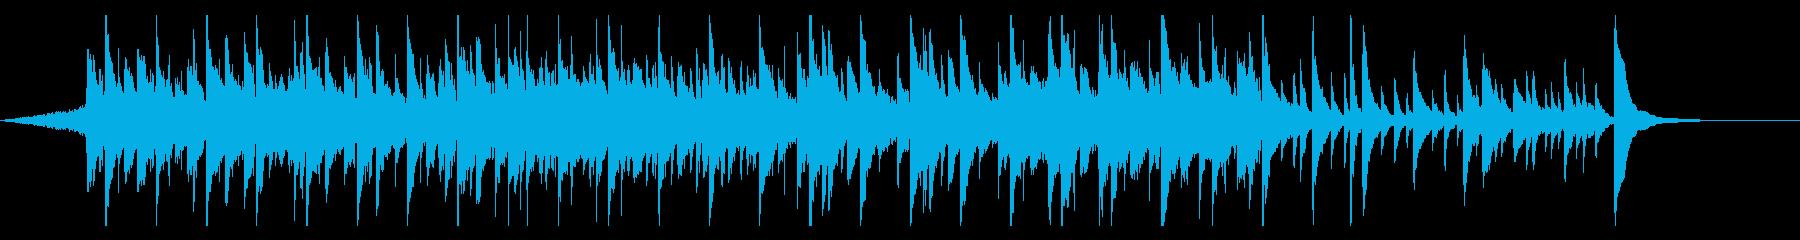 アップライト、高騰インストルメンタ...の再生済みの波形